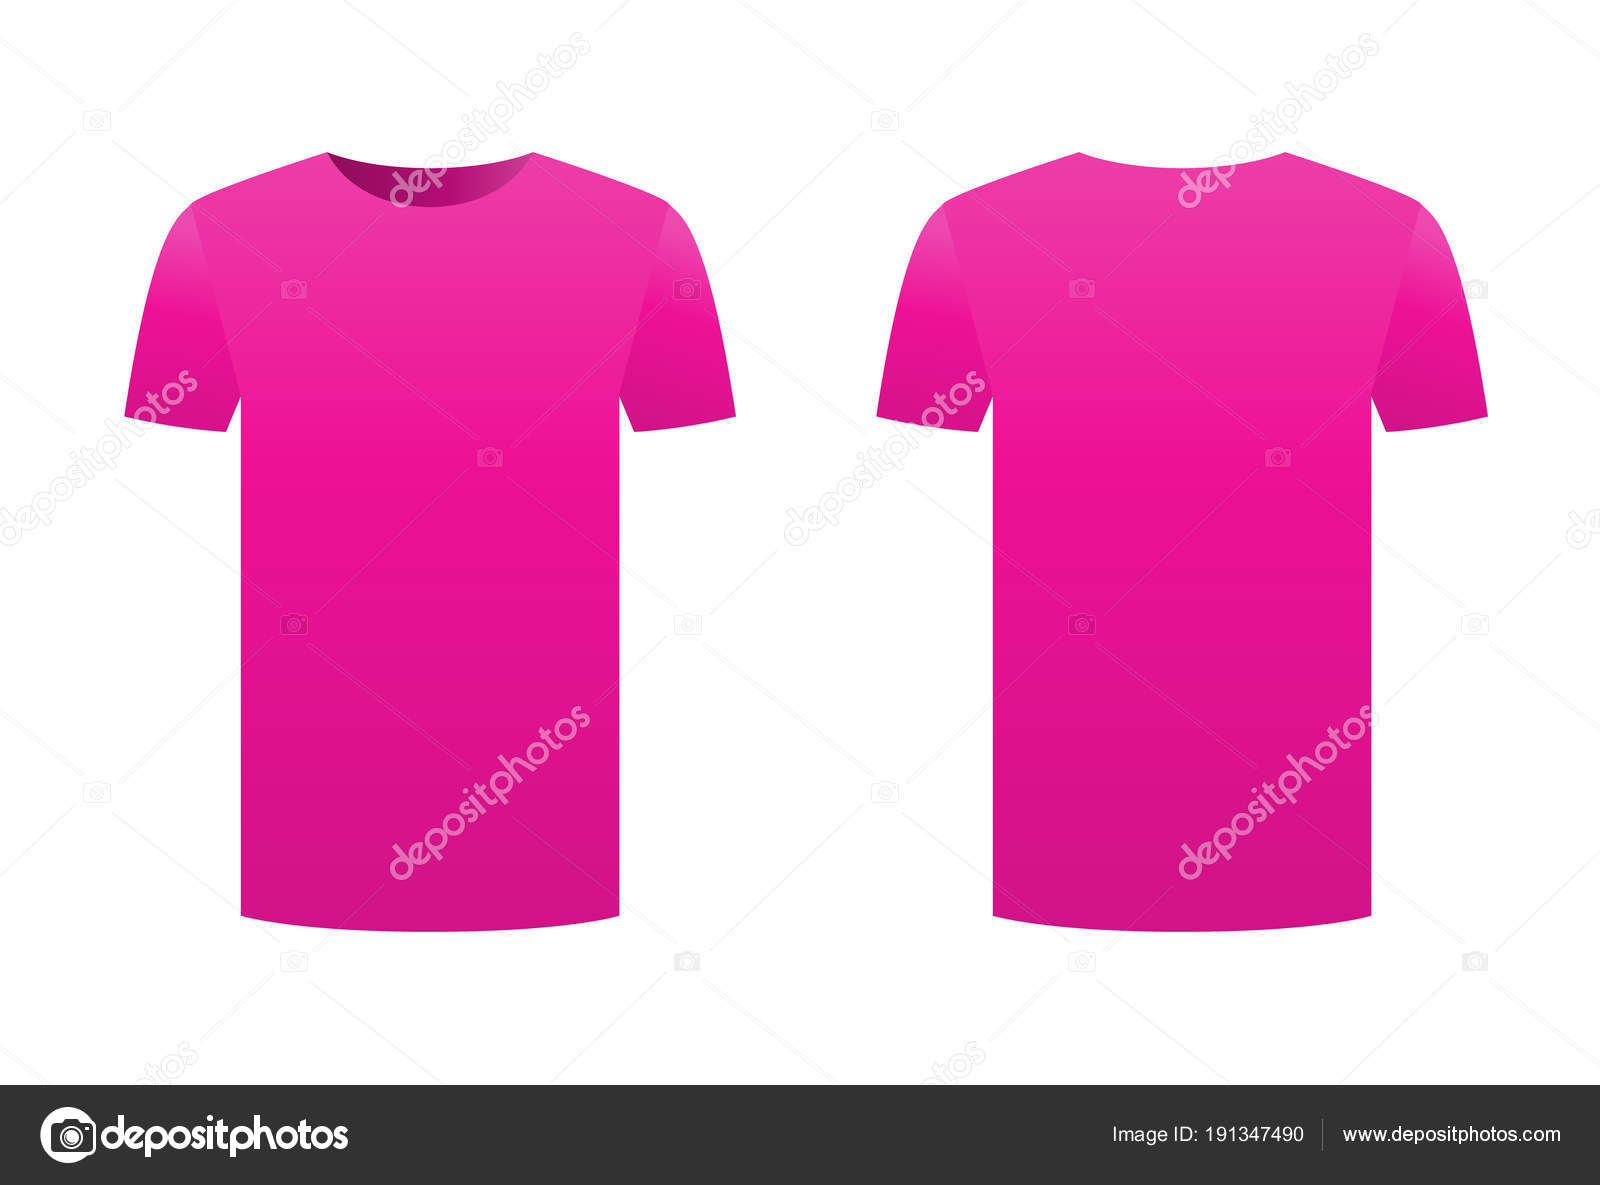 Fucsia púrpura camiseta plantilla camiseta aislado en fondo blanco ...